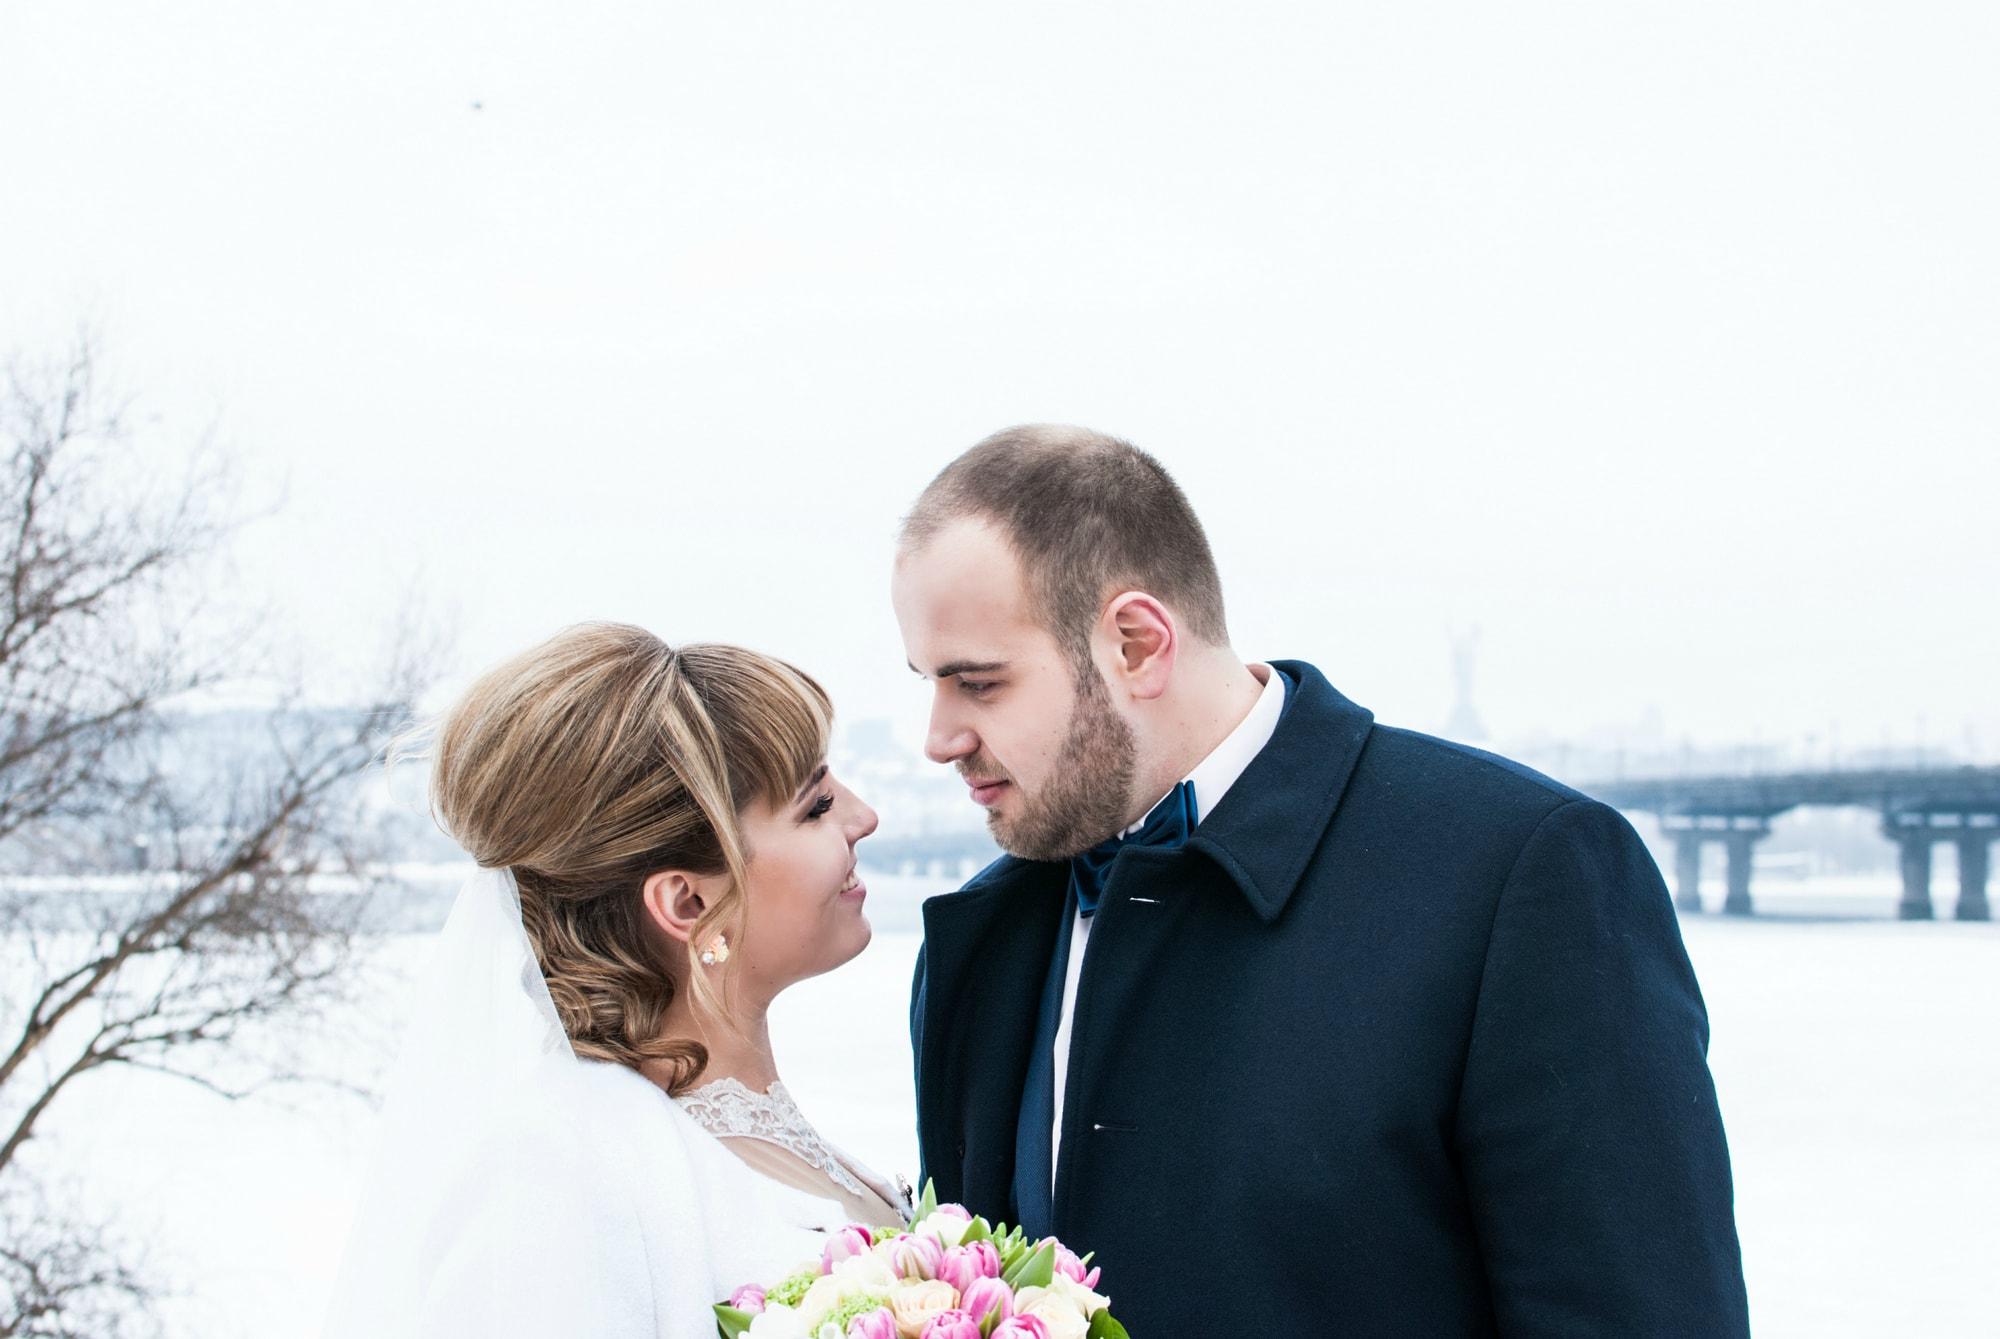 Фото невесты изучающей жениха - Фотограф Киев - Женя Лайт